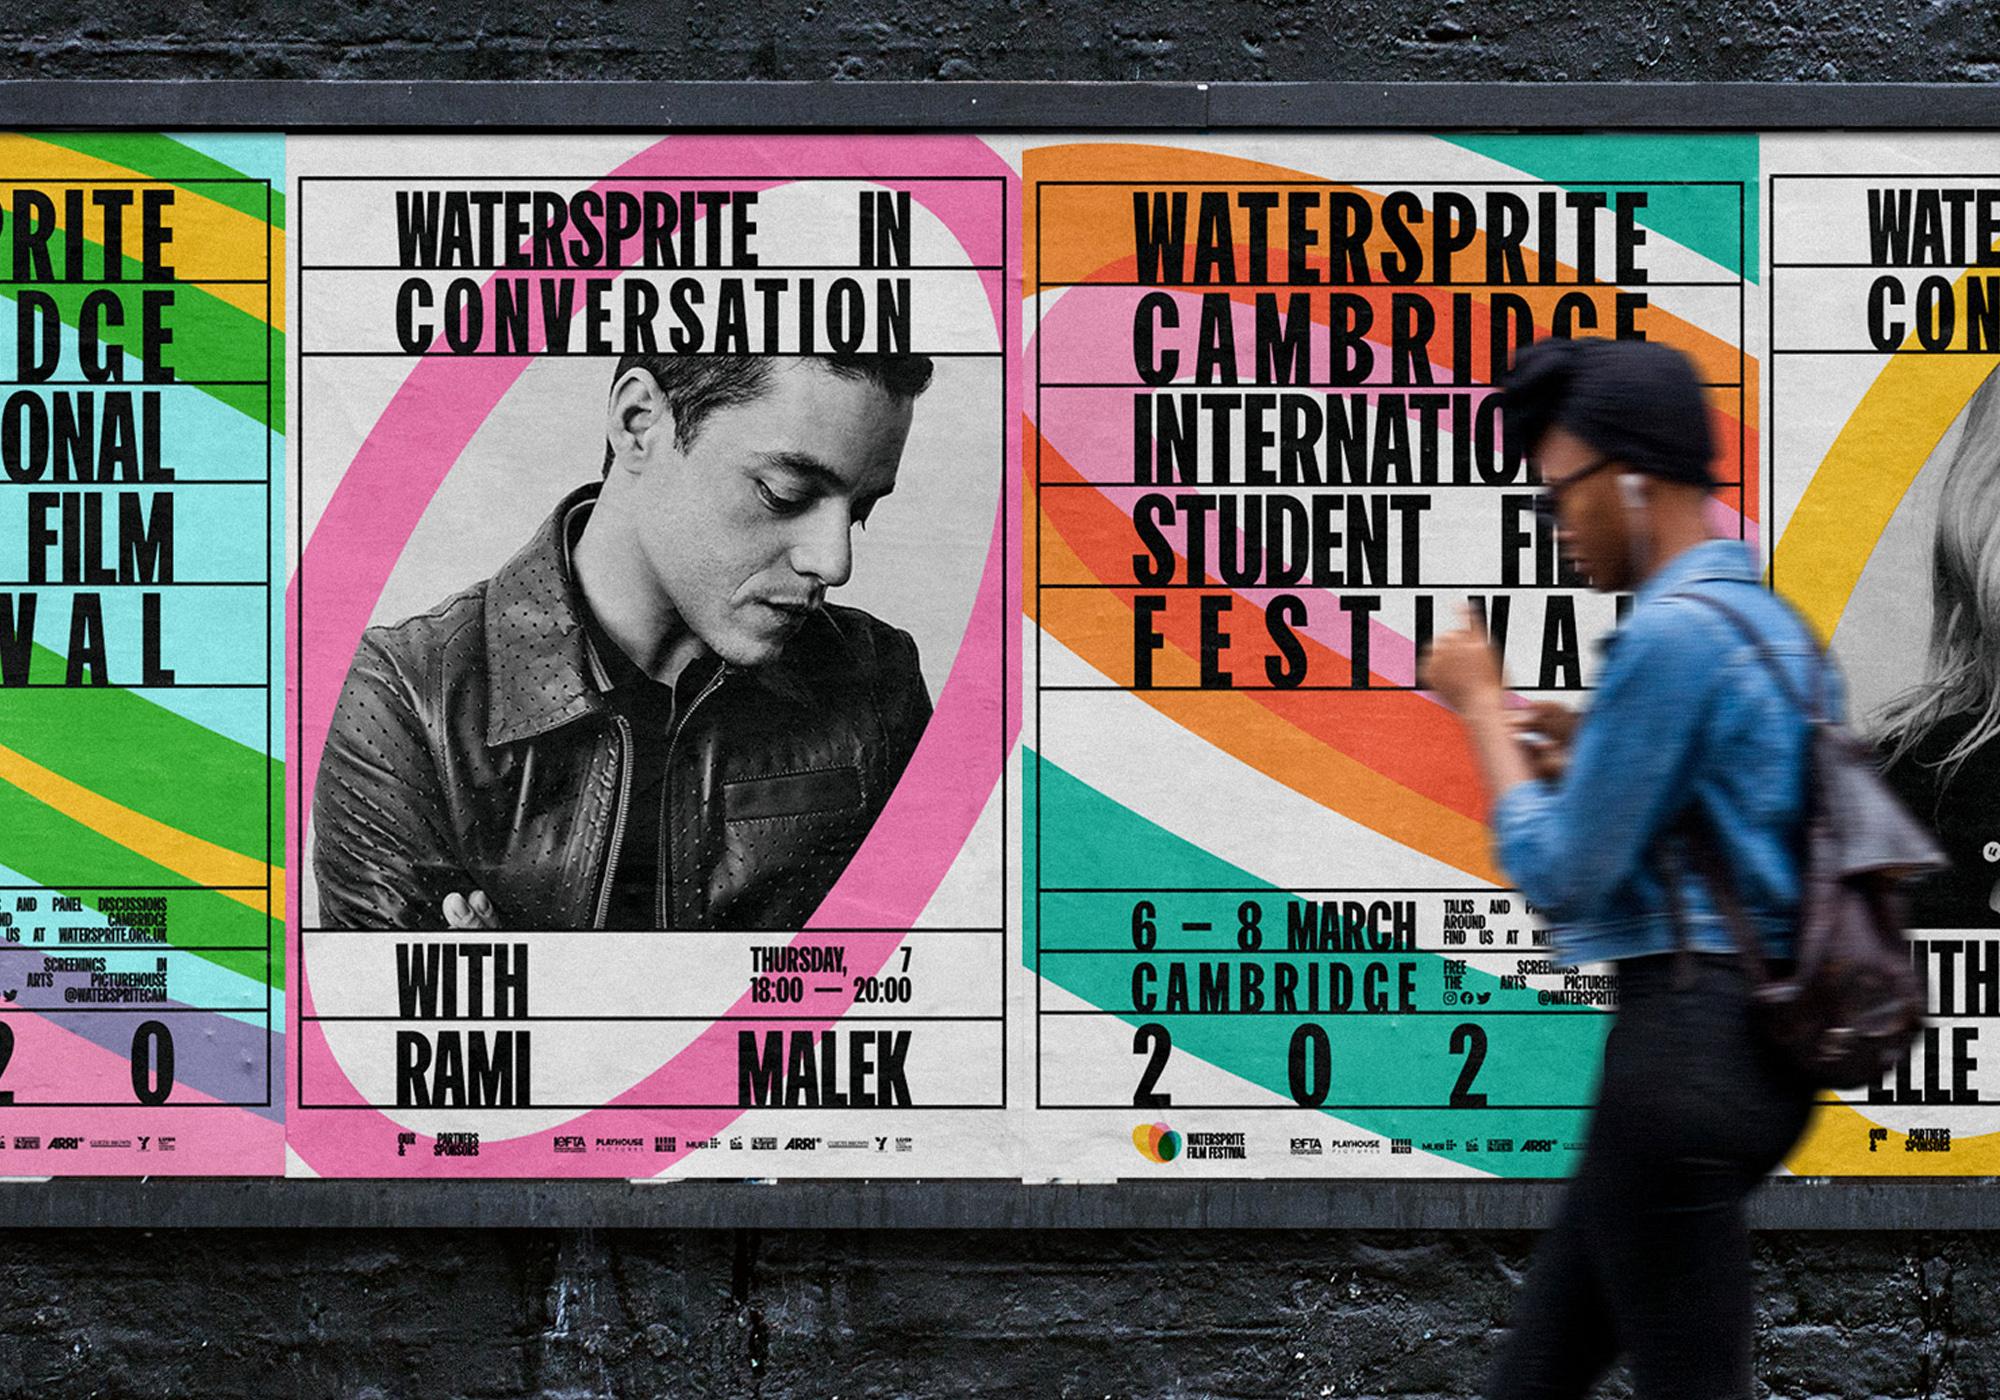 Watersprite Film Festival